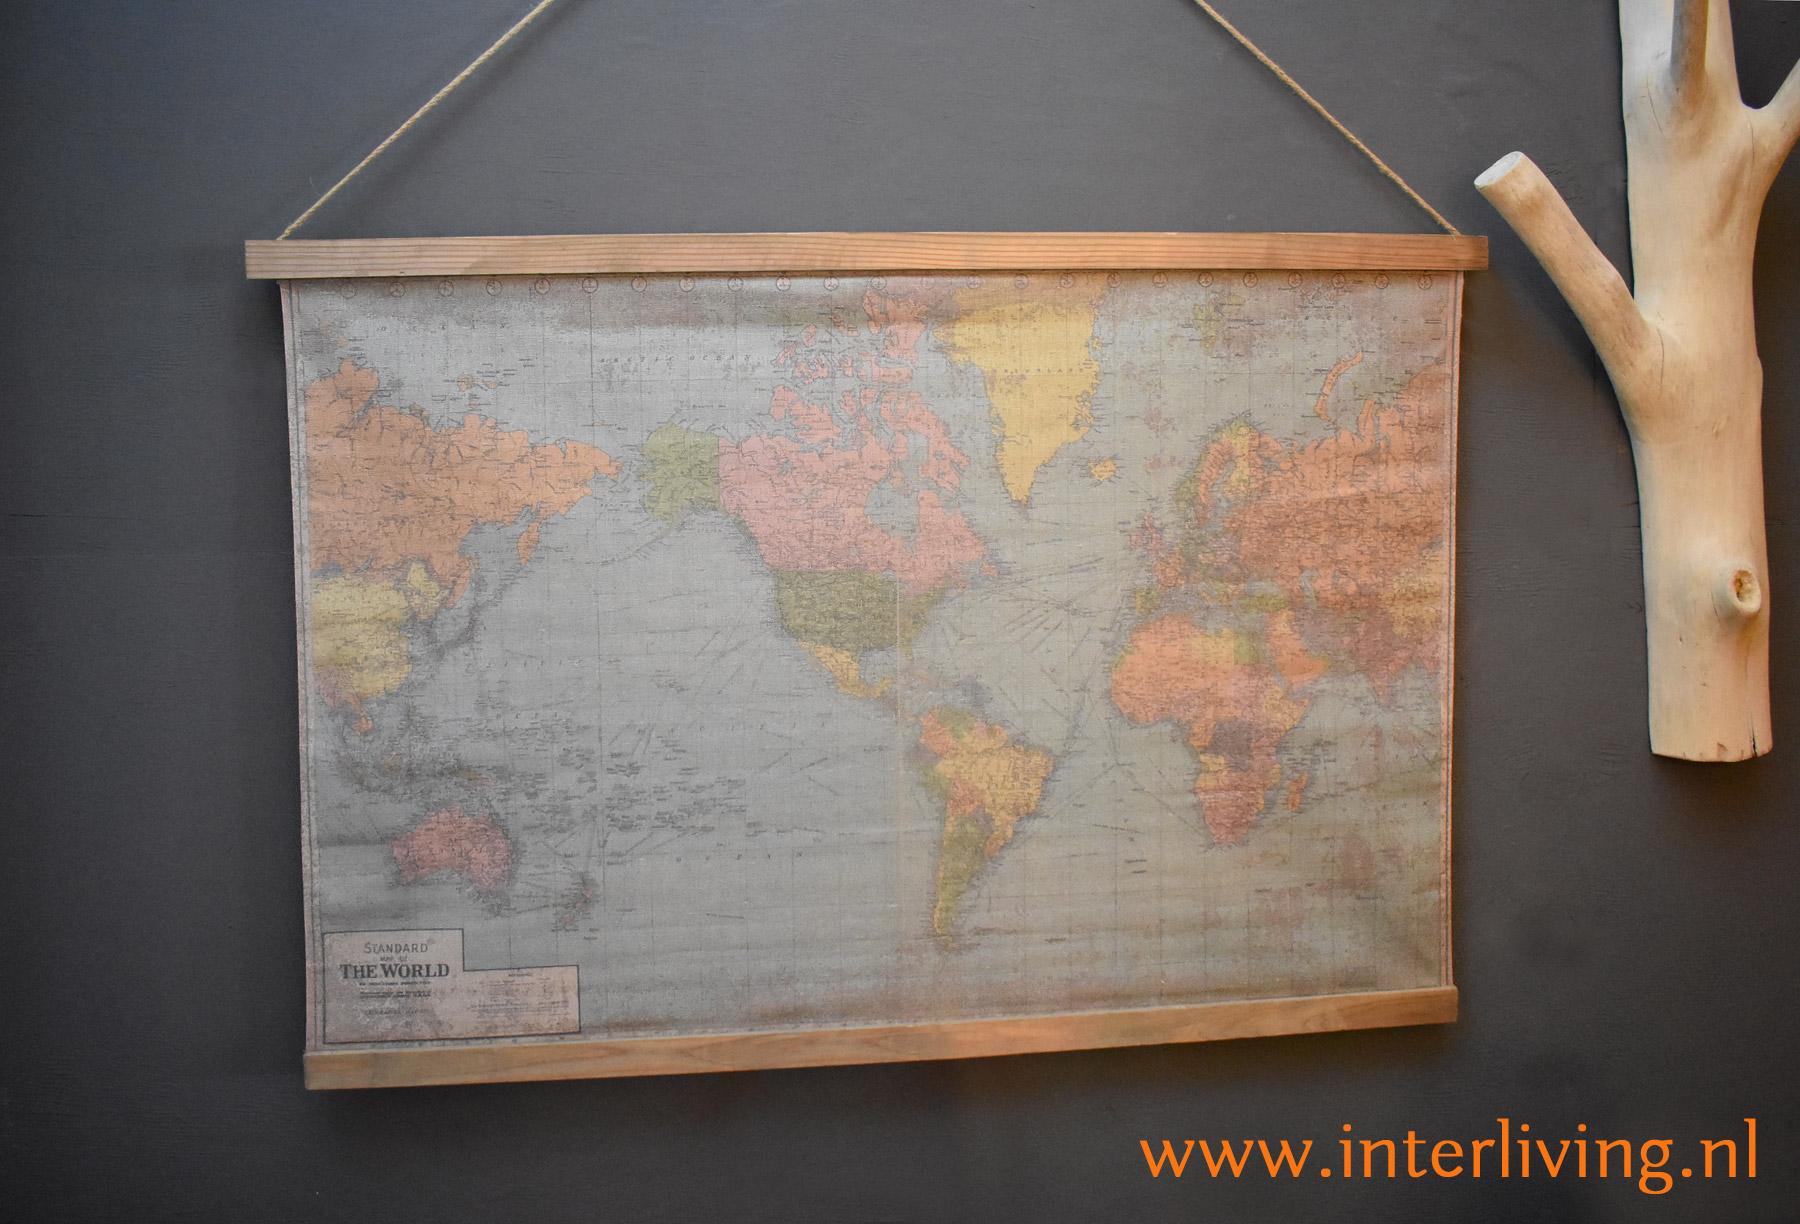 retro muurdecoratie - wereldkaart op canvas geprint met houten latjes en ophangkoord om op te hangen aan de muur